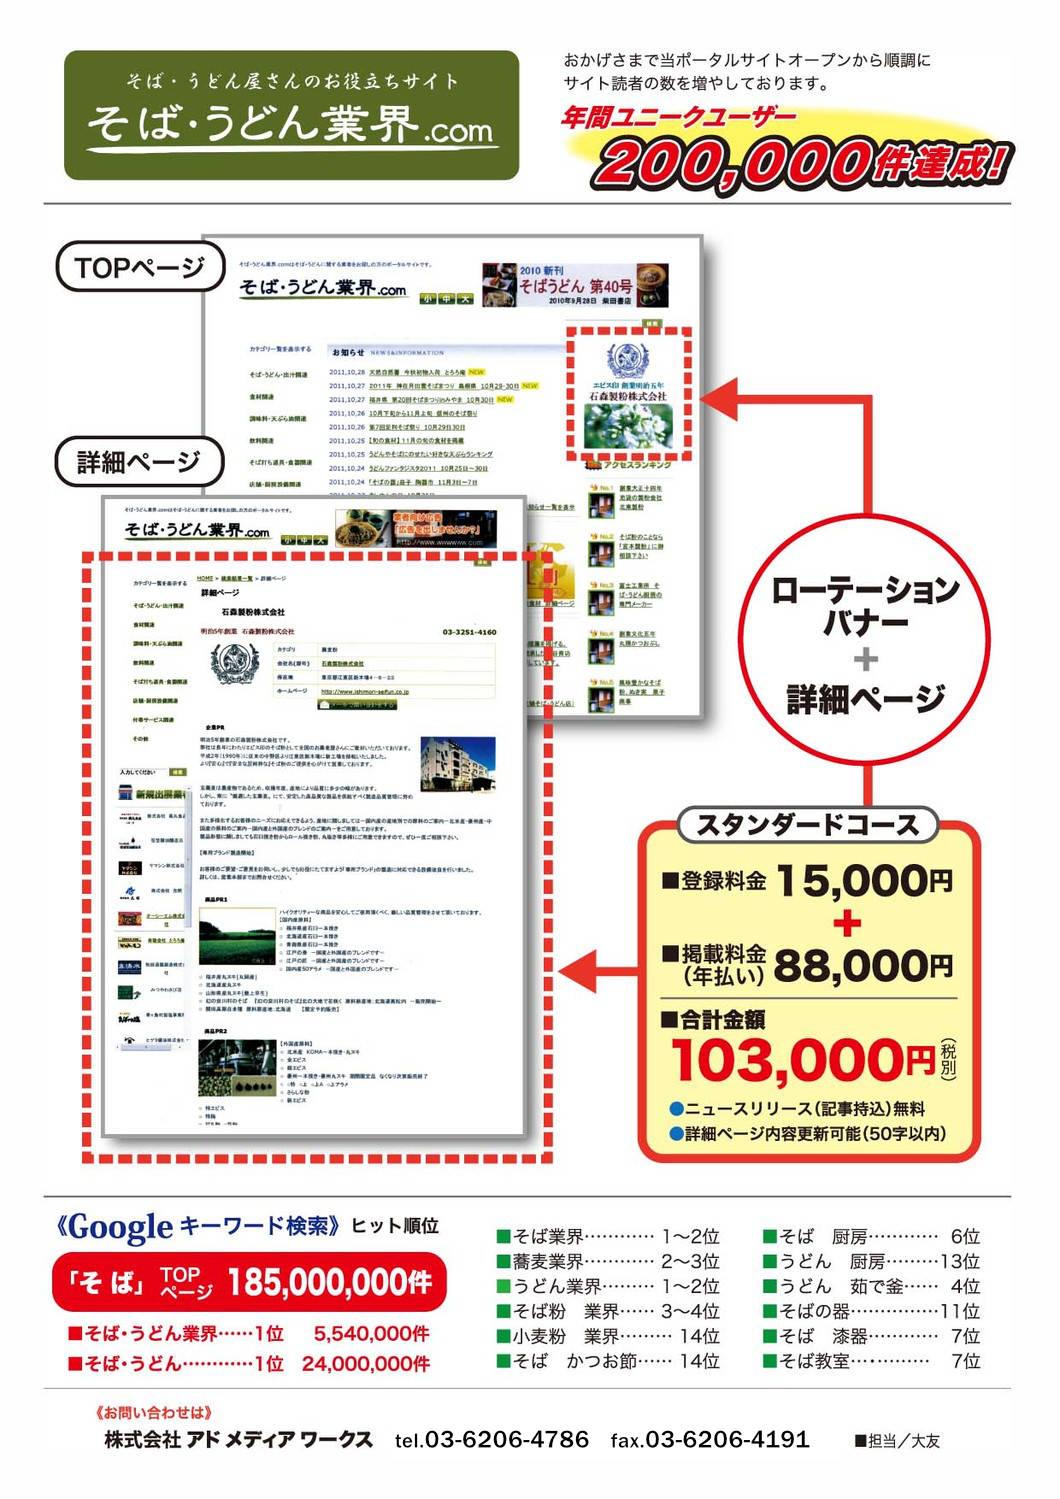 そば・うどん業界 (そば・うどん屋さんのお役立ちサイト) そば材料、店舗物件などのポータルサイト